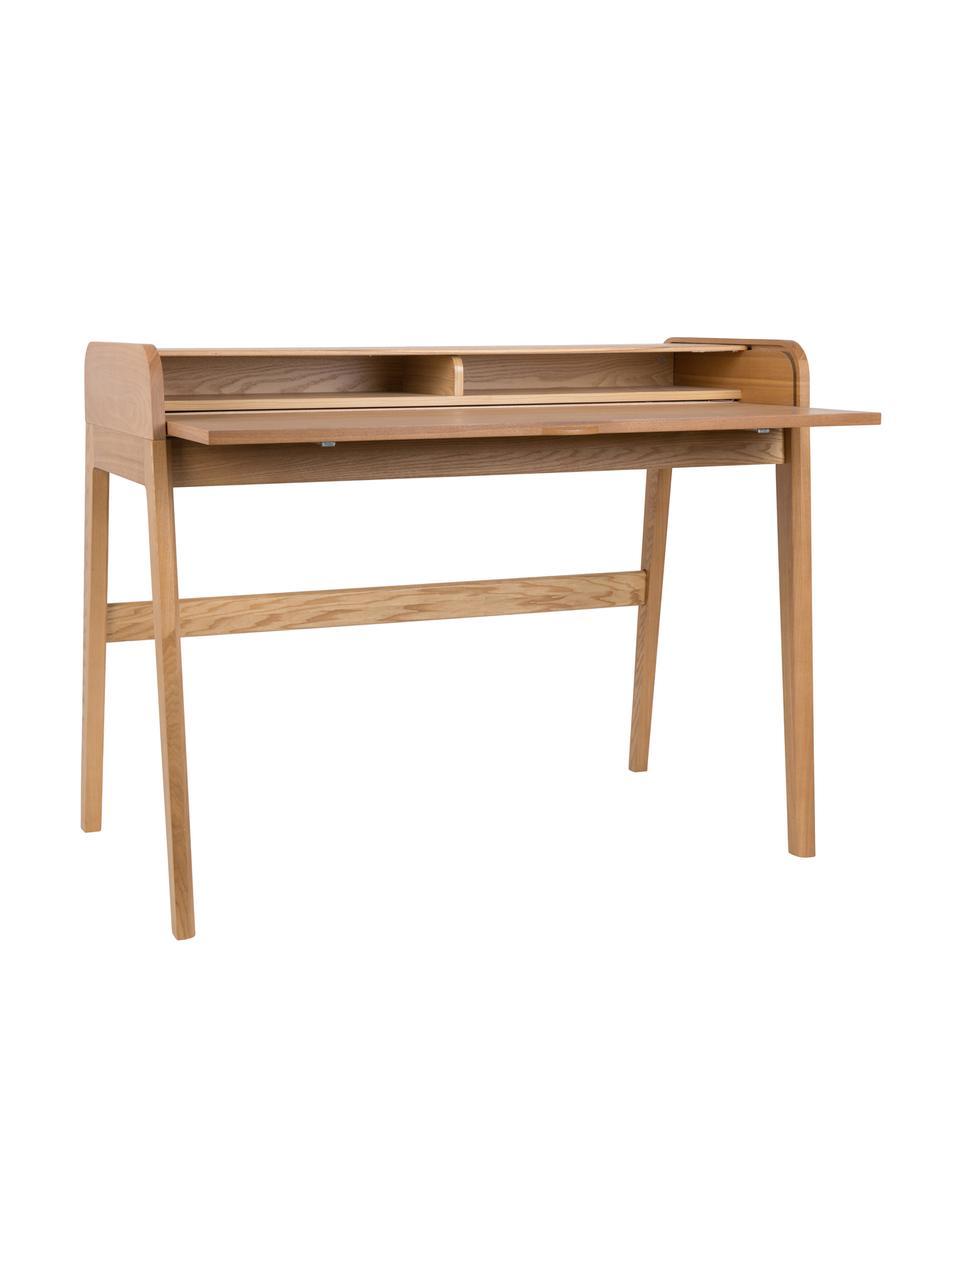 Schreibtisch Barbier, Tischplatte: Mitteldichte Holzfaserpla, Tischplatte: Braun<br>Schiebetüren und Füße: Eschenholz, 110 x 85 cm